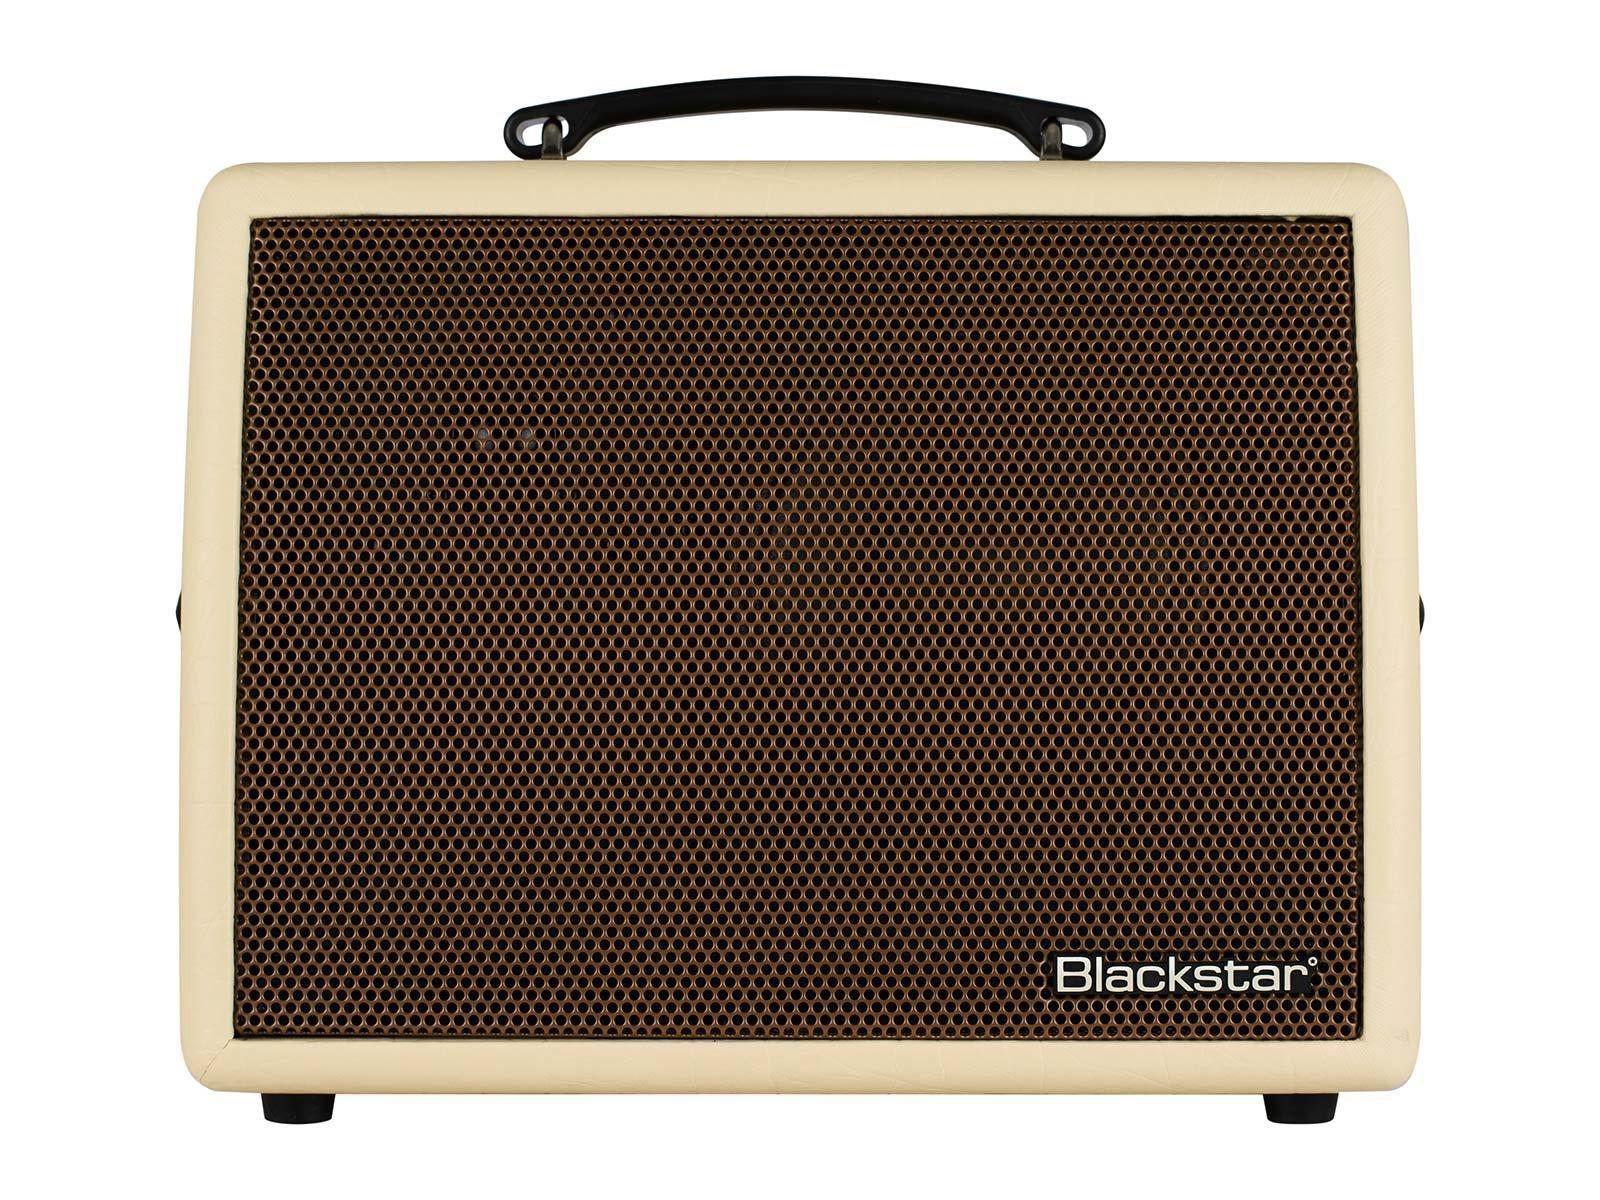 Blackstar Sonnet 60 Amp